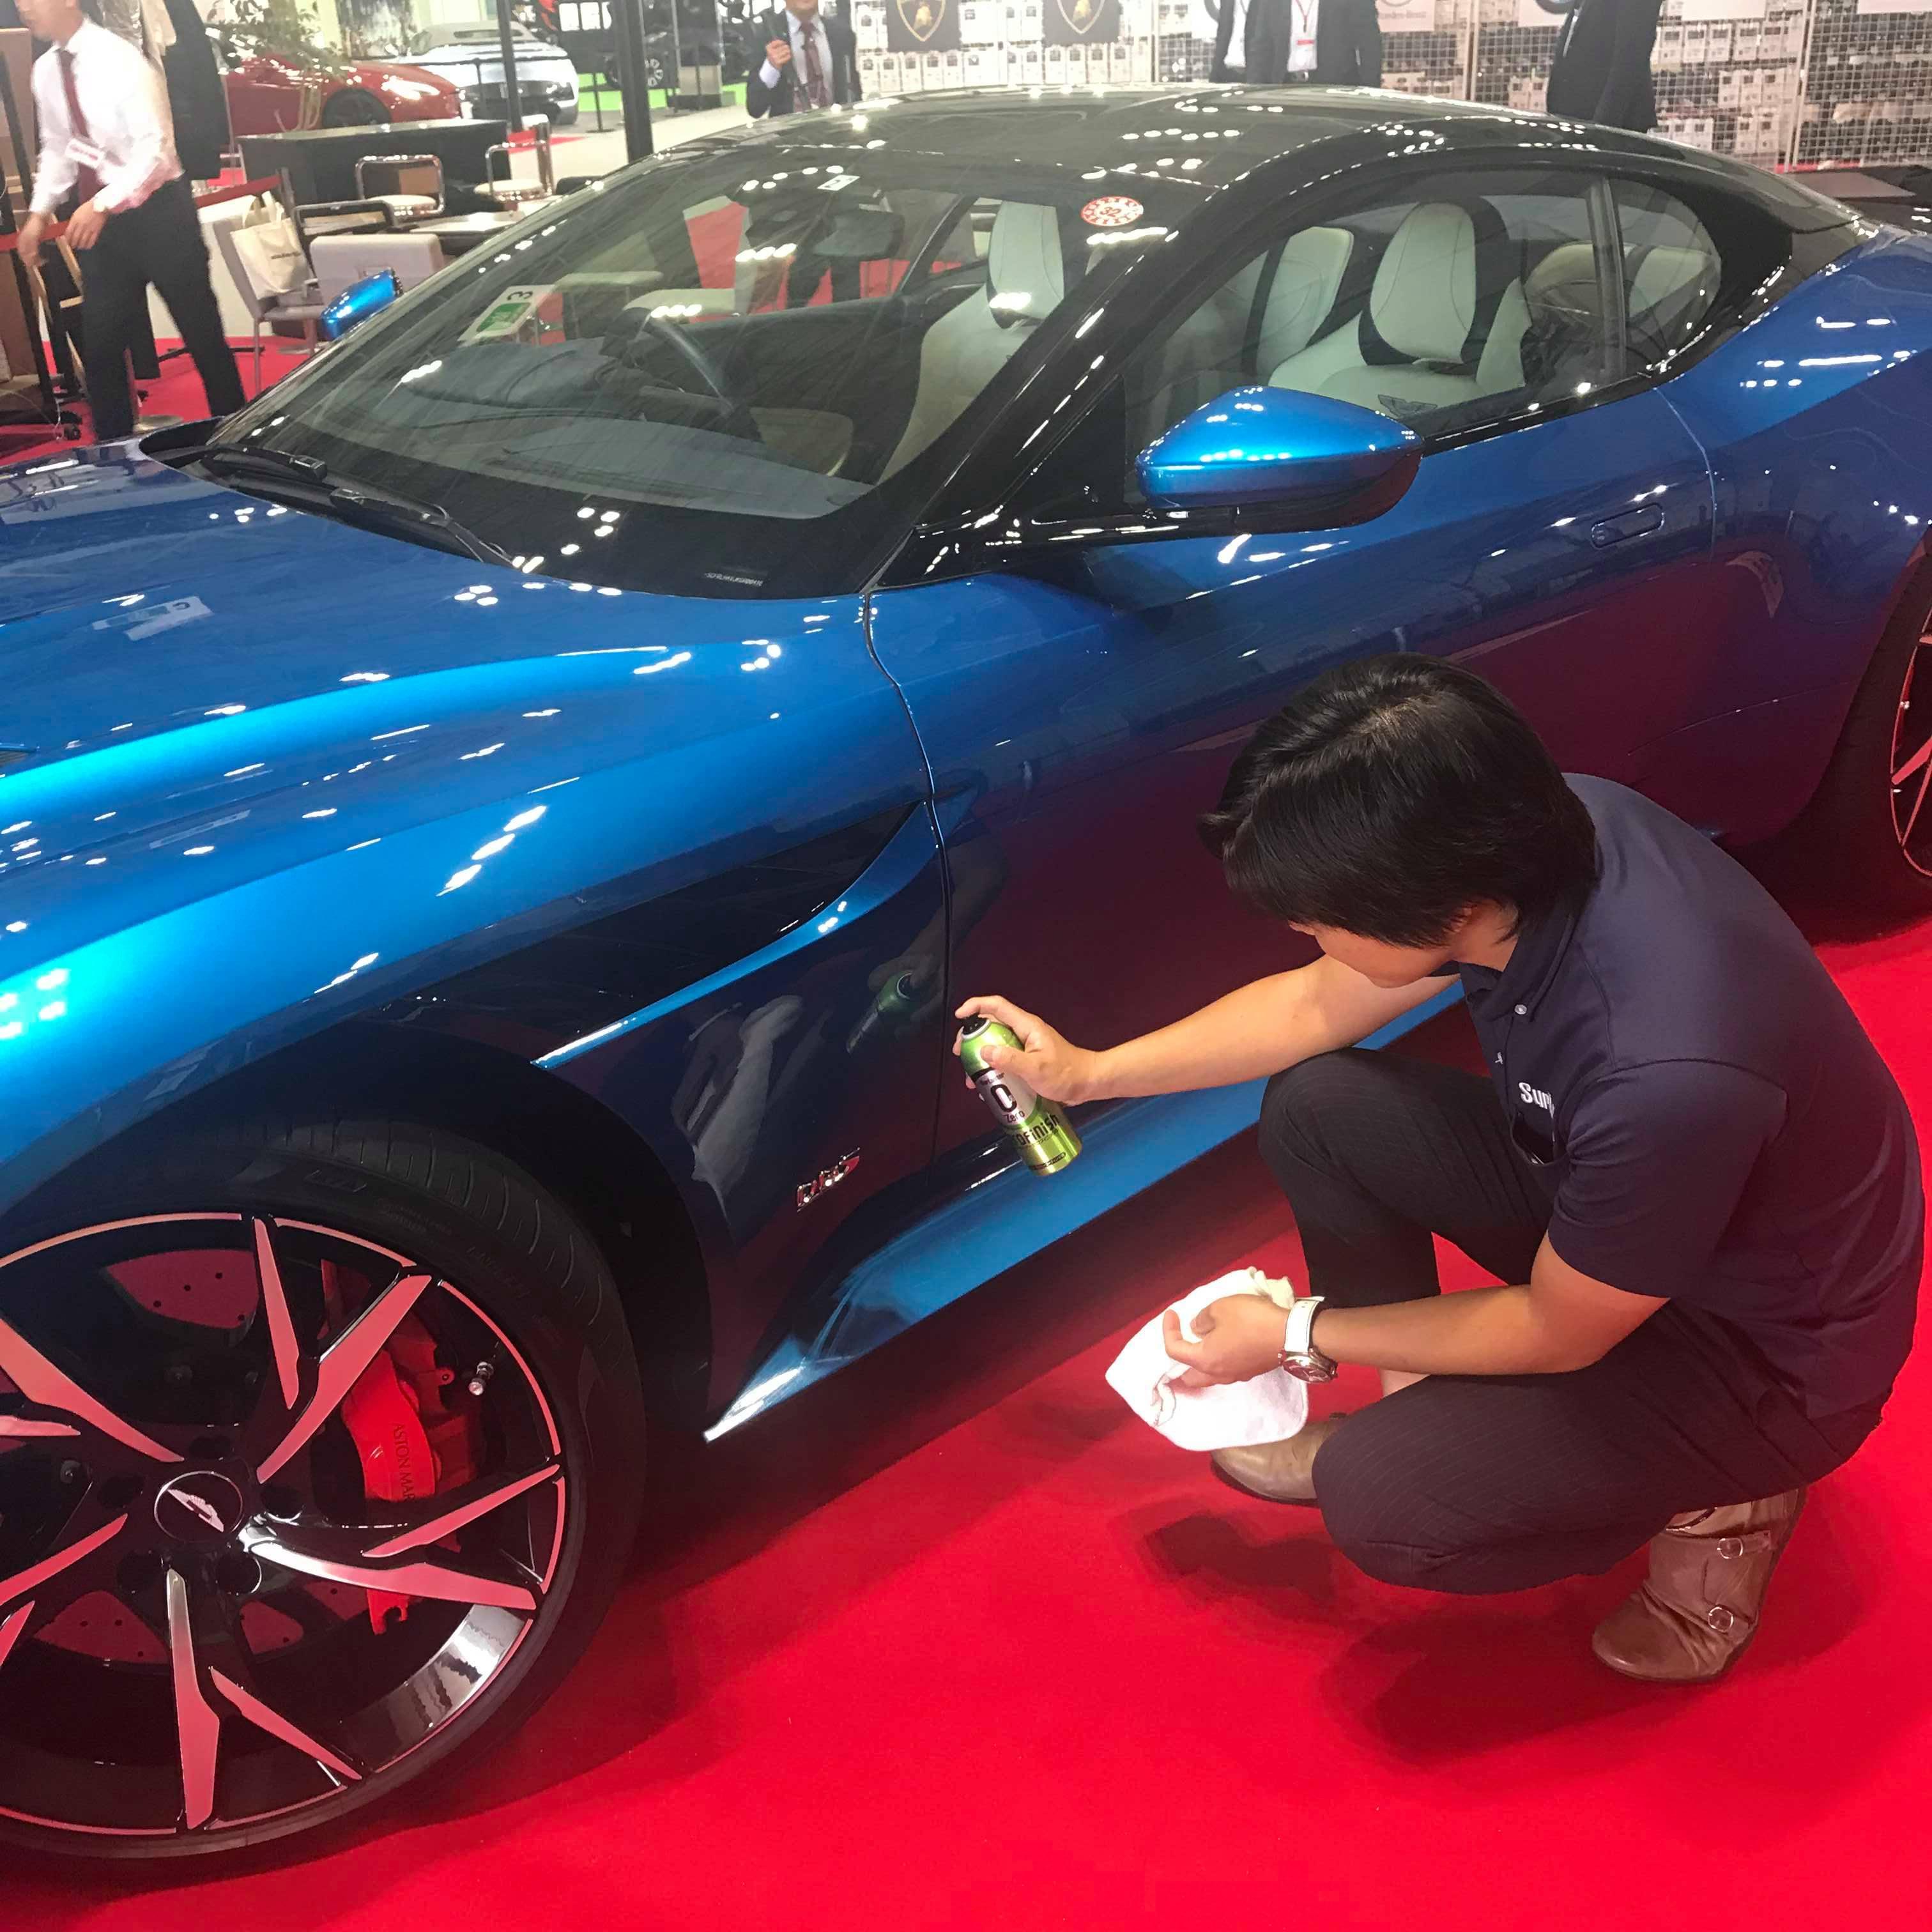 トータル億超えの車たち…スーパーカーをケアするシュアラスターの技術力を東京モーターショーで!